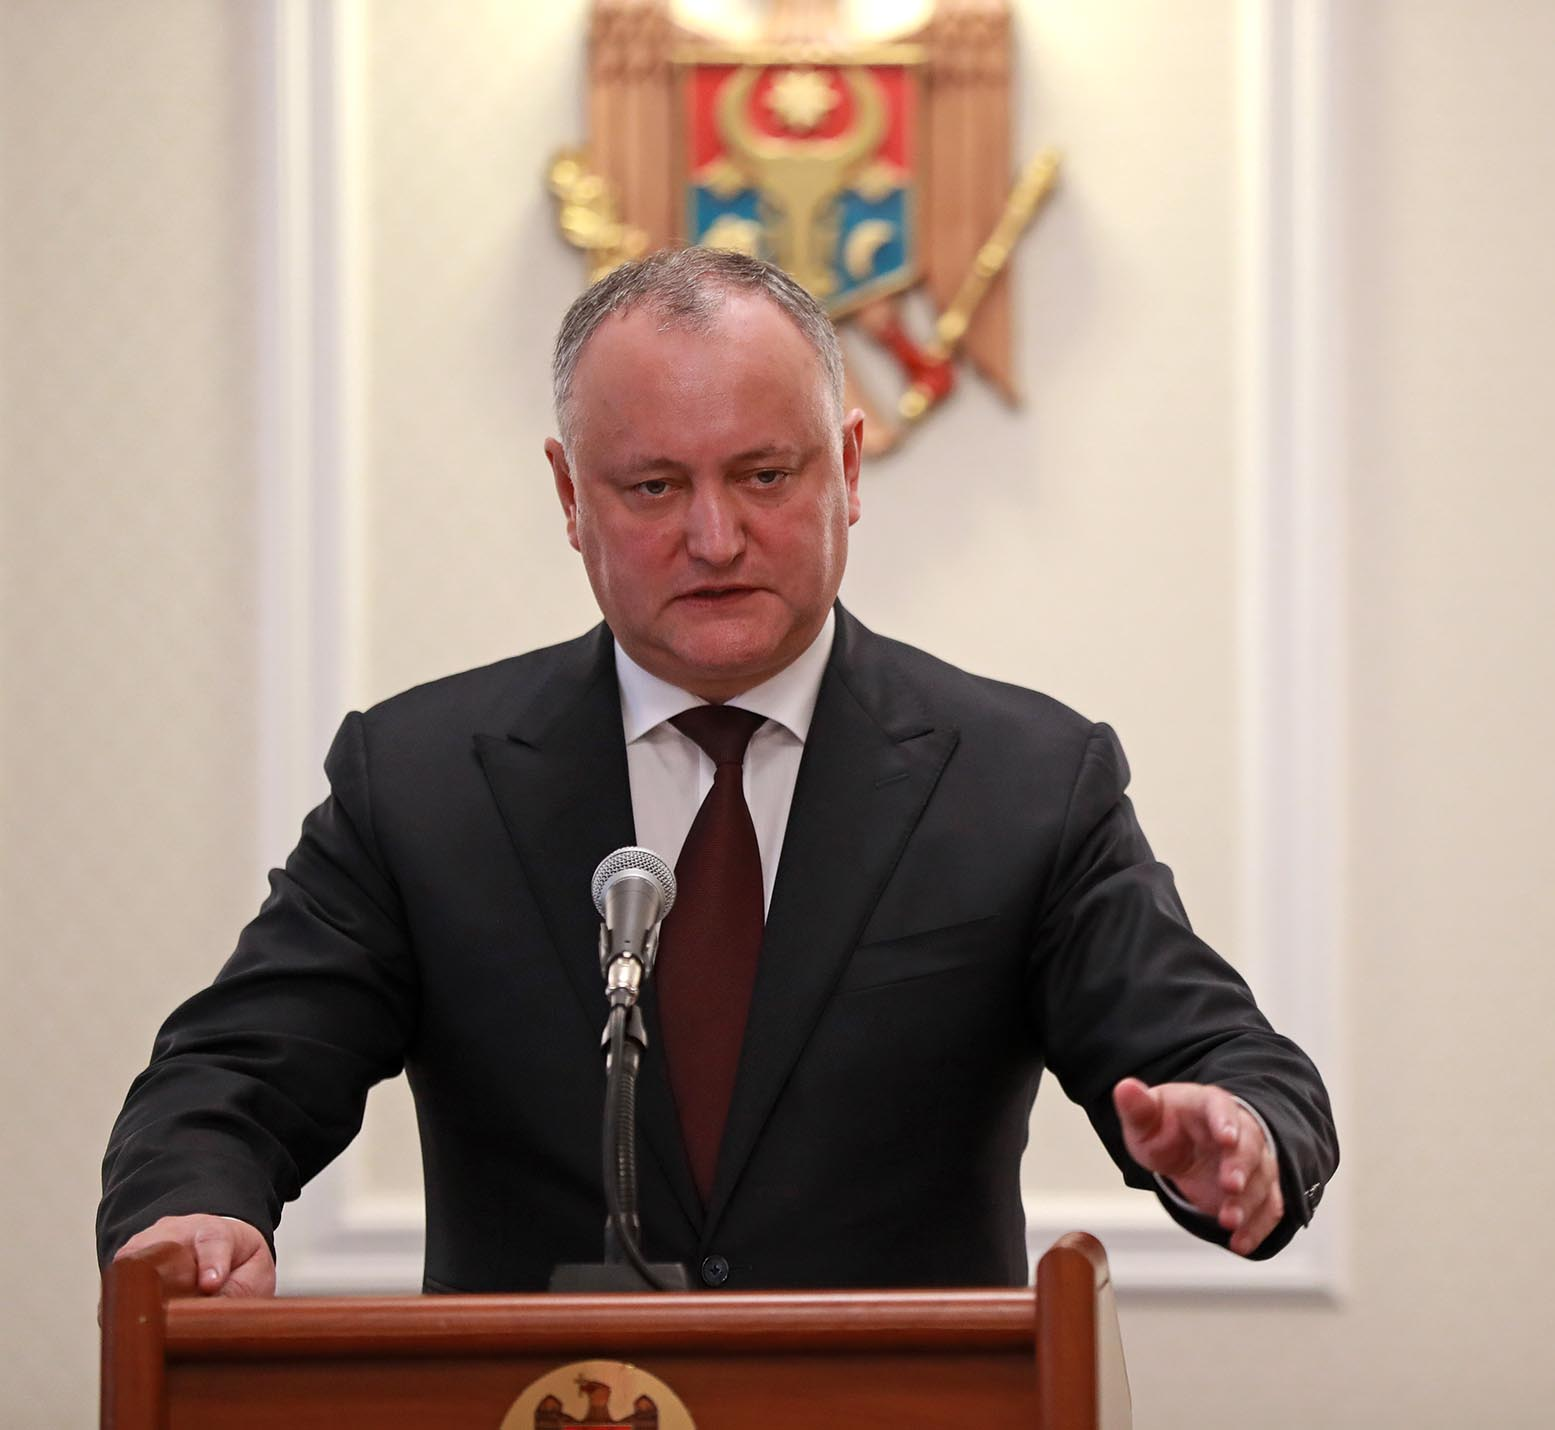 Додон предупредил унионистов: Каждый, кто собирается дестабилизировать ситуацию в Молдове, будет жестко наказан